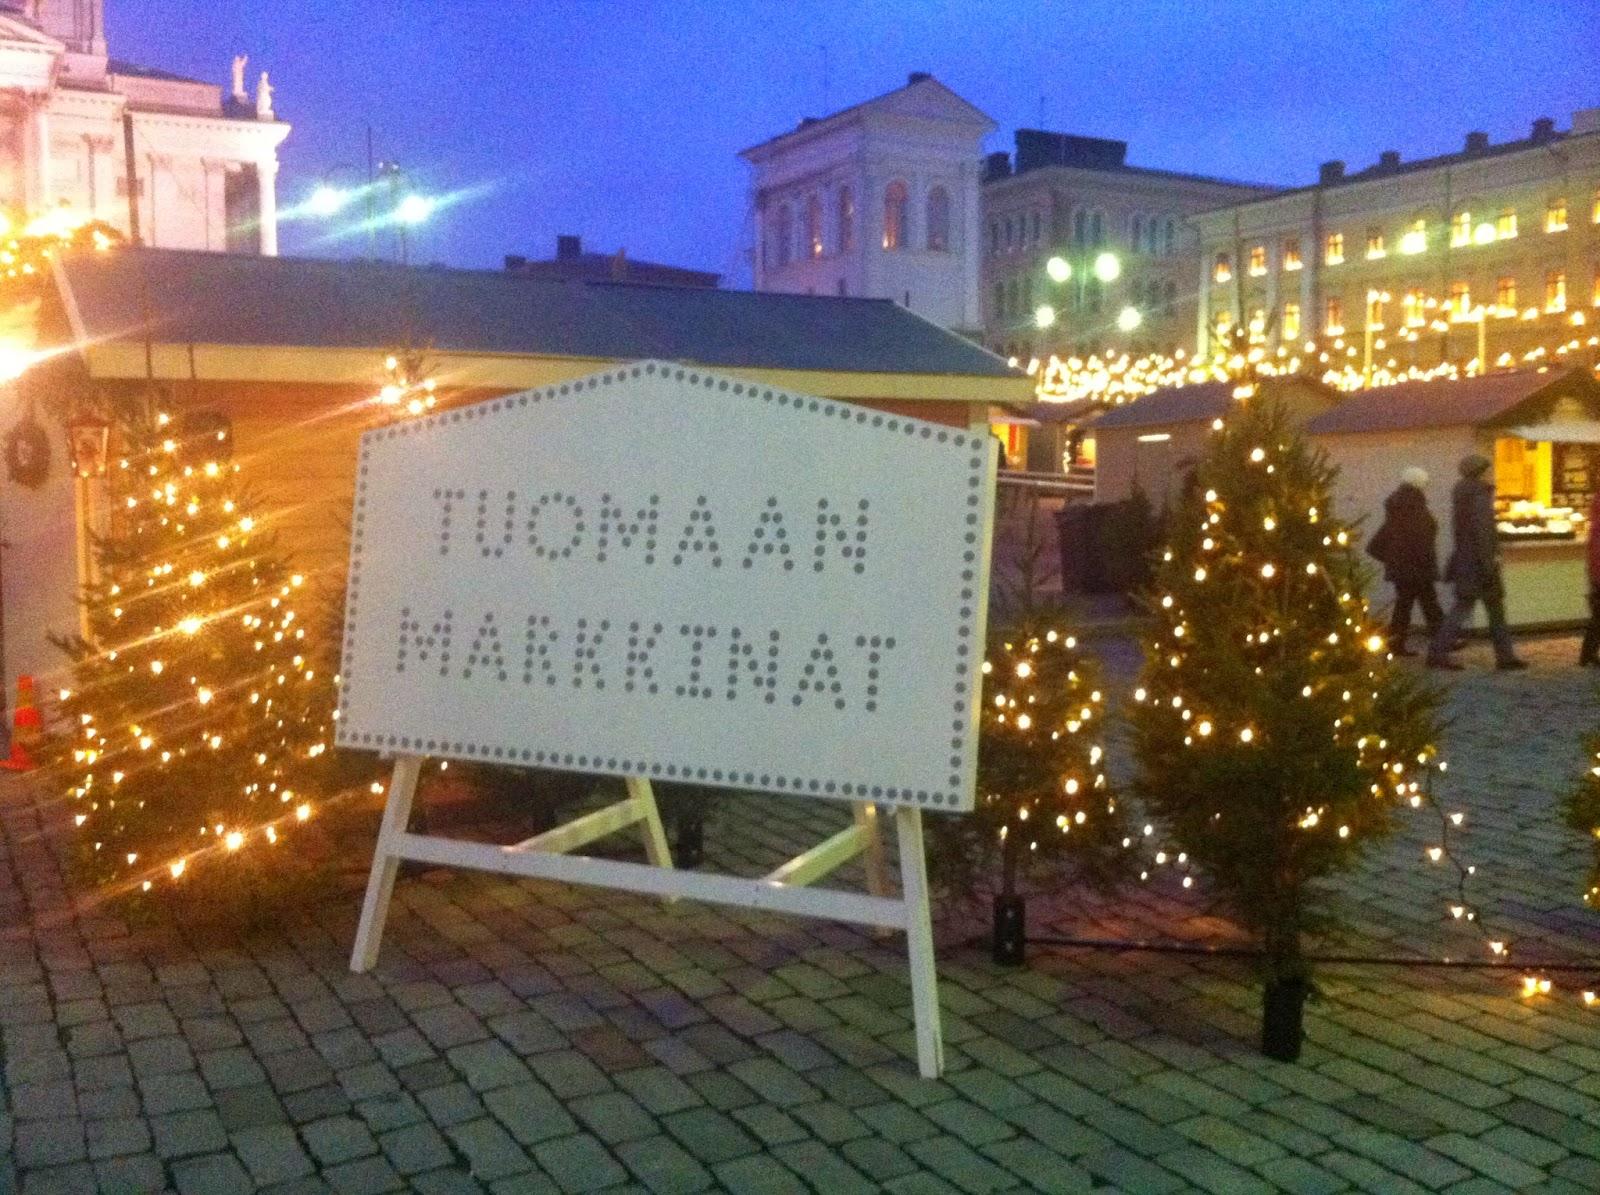 christmasmarket, market, joulu, tuomaanmarkkinat, joulumarkkinat